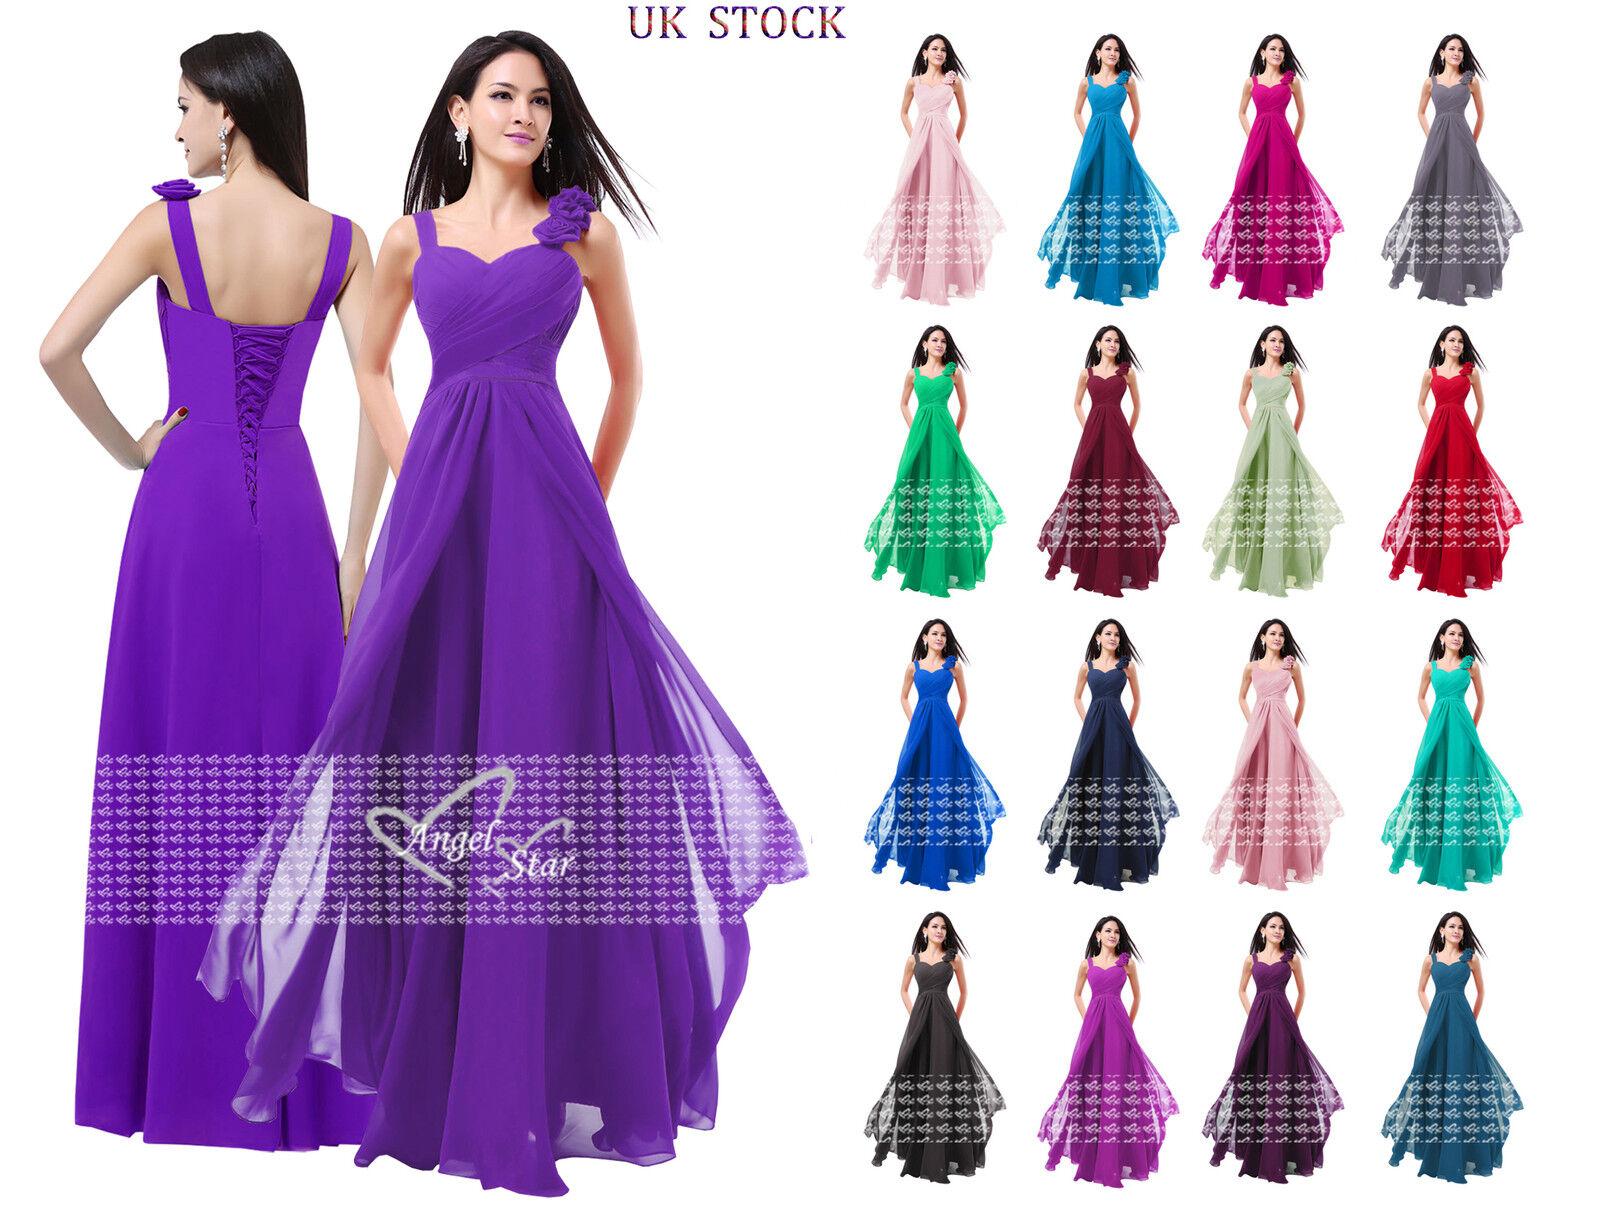 Nouveau formelle mousseline longue soirée robe de bal Parti Bal Mariage demoiselle d'honneur Robe UK